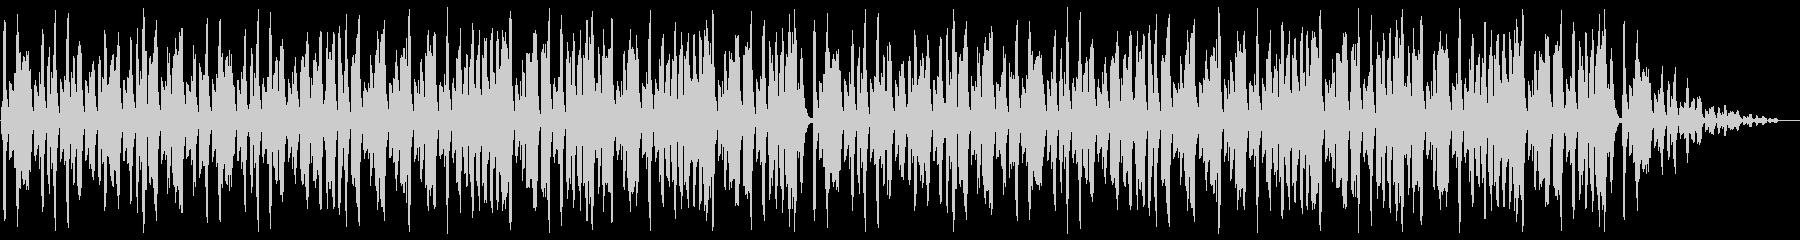 リコーダーとピアノが軽快な日常系BGMの未再生の波形